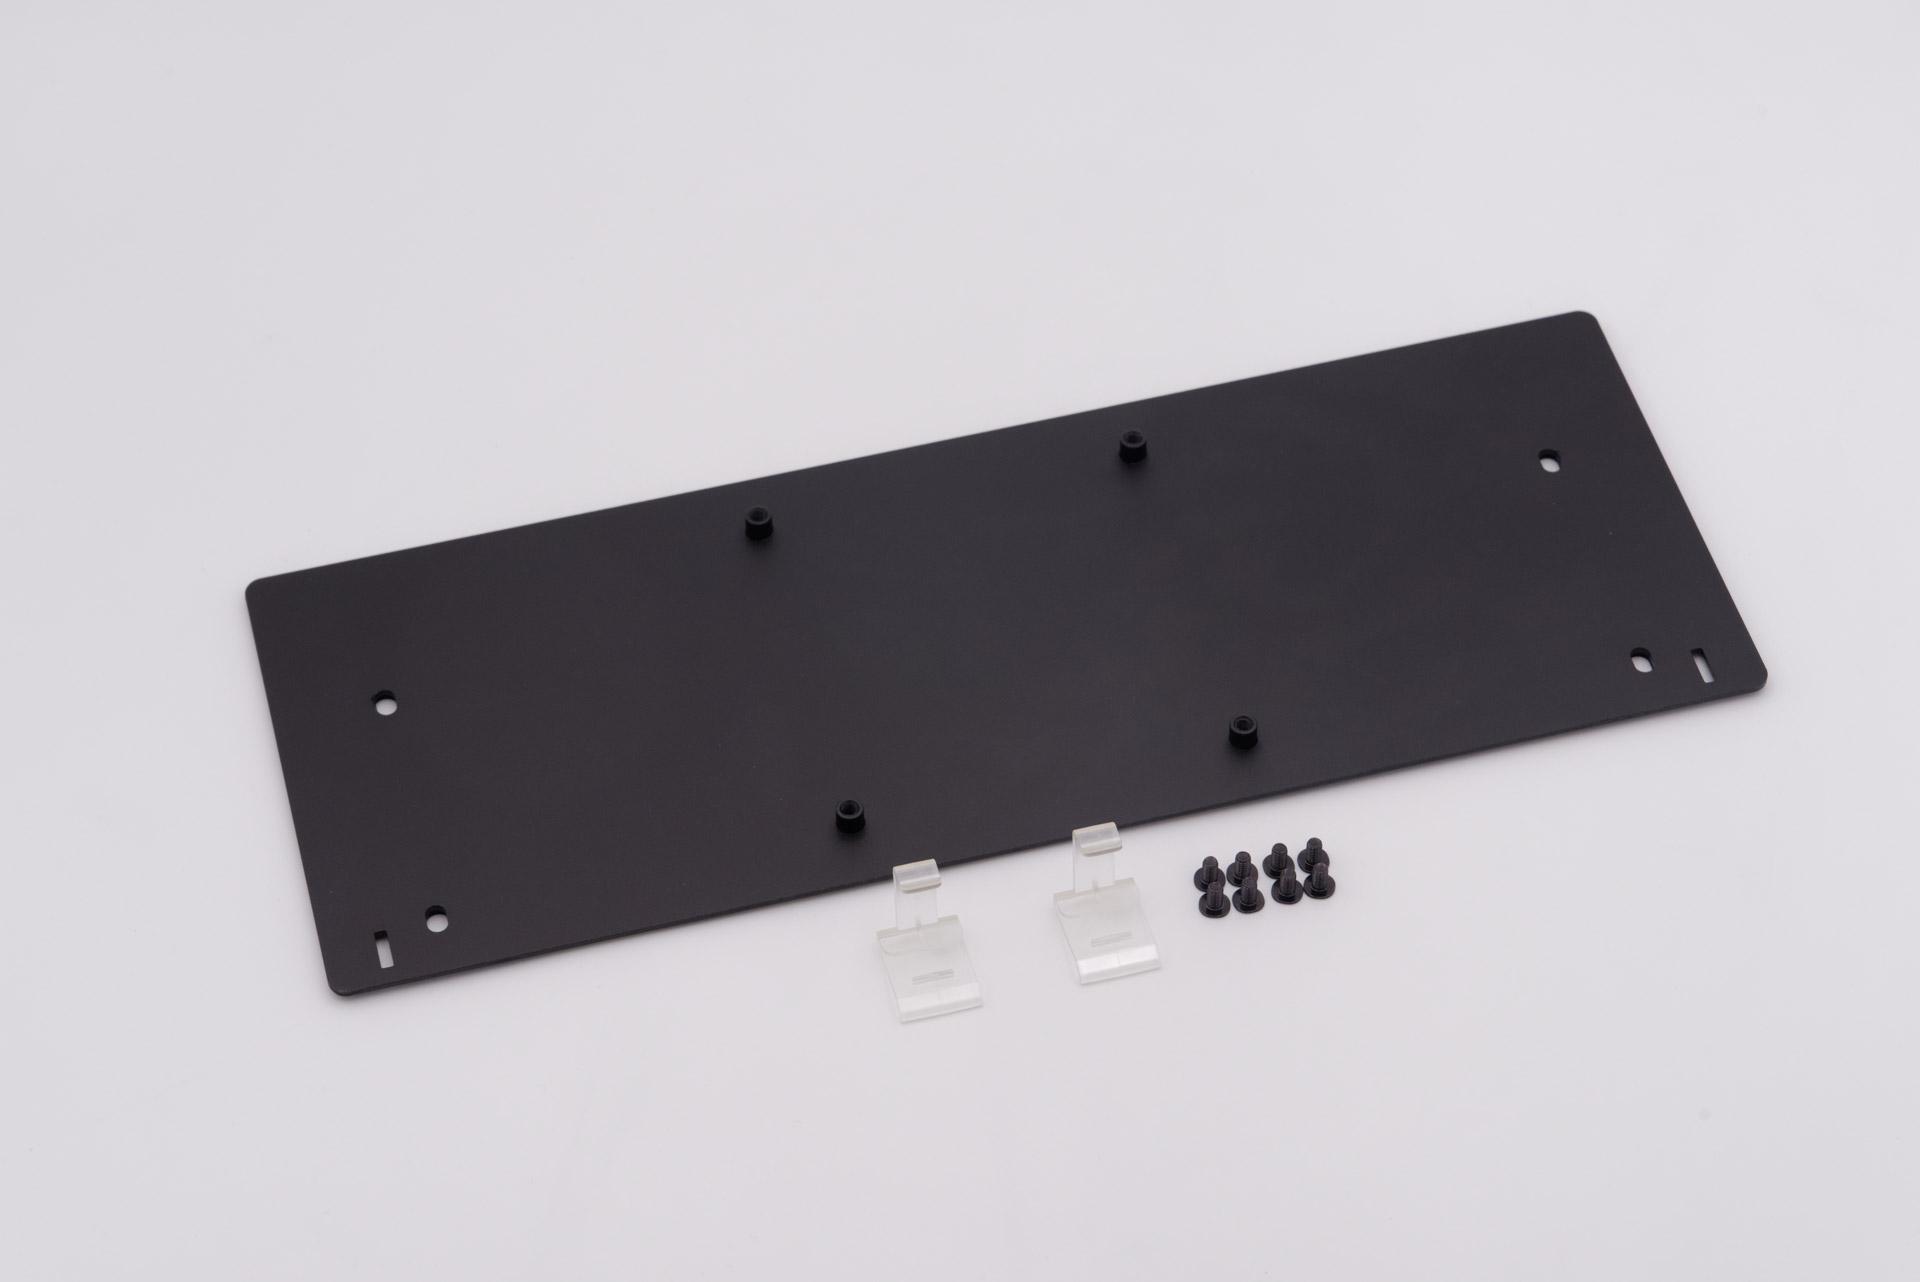 「M505 VESA 100 アルミ合金ブラケット」と、取り付けに使うネジ、クリップ